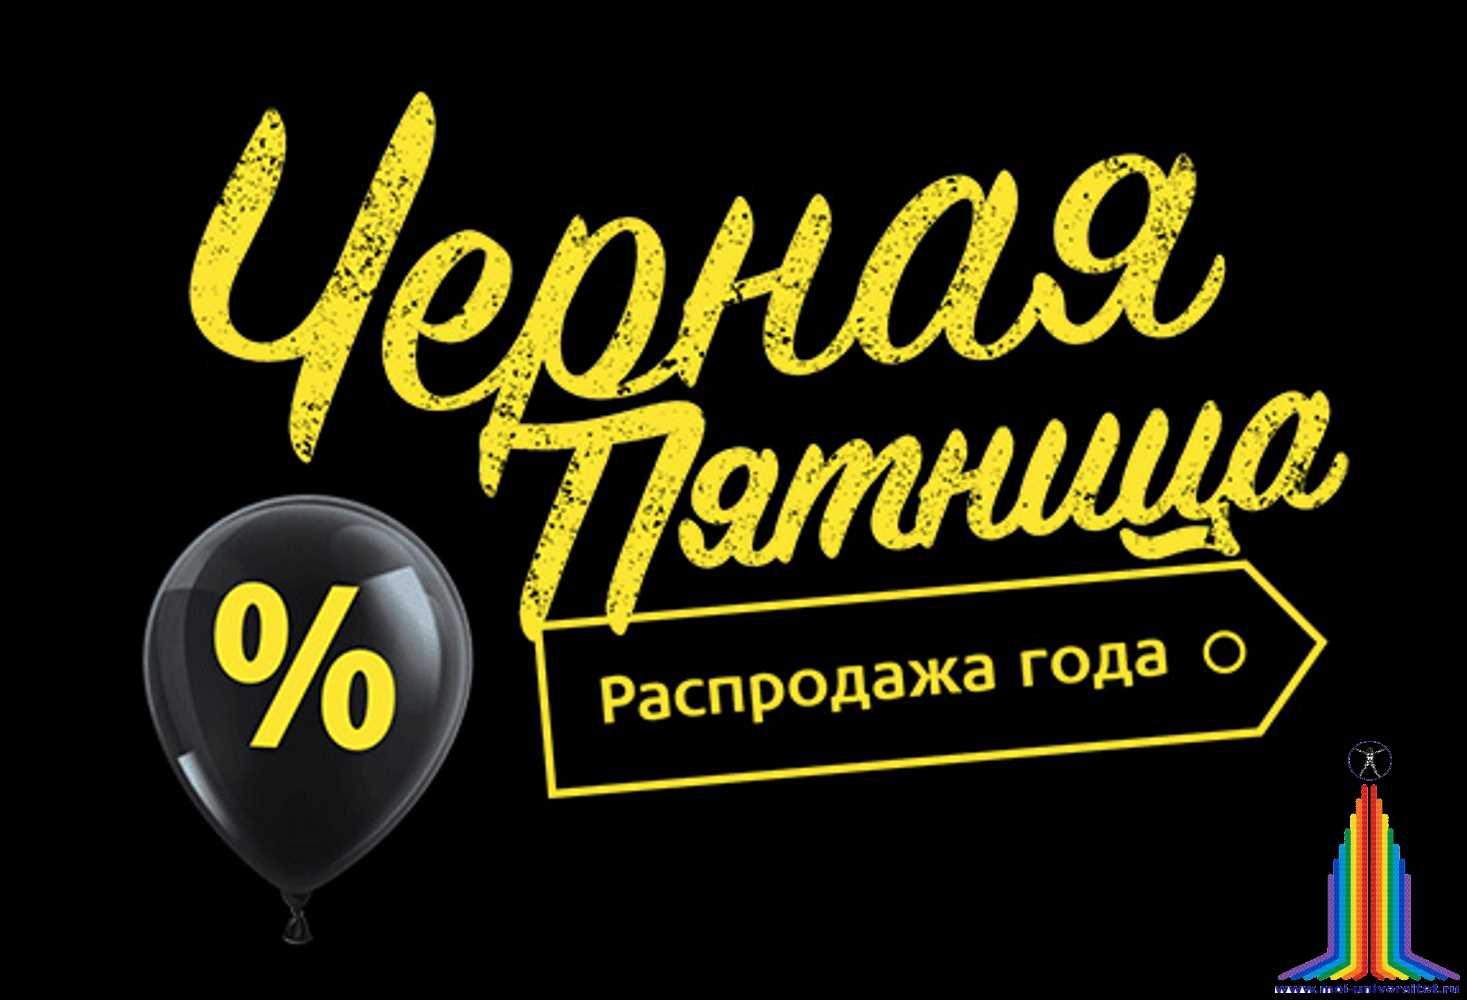 chernaya-pyatnitsa-dlya-pedagogov-v-moem-universitete